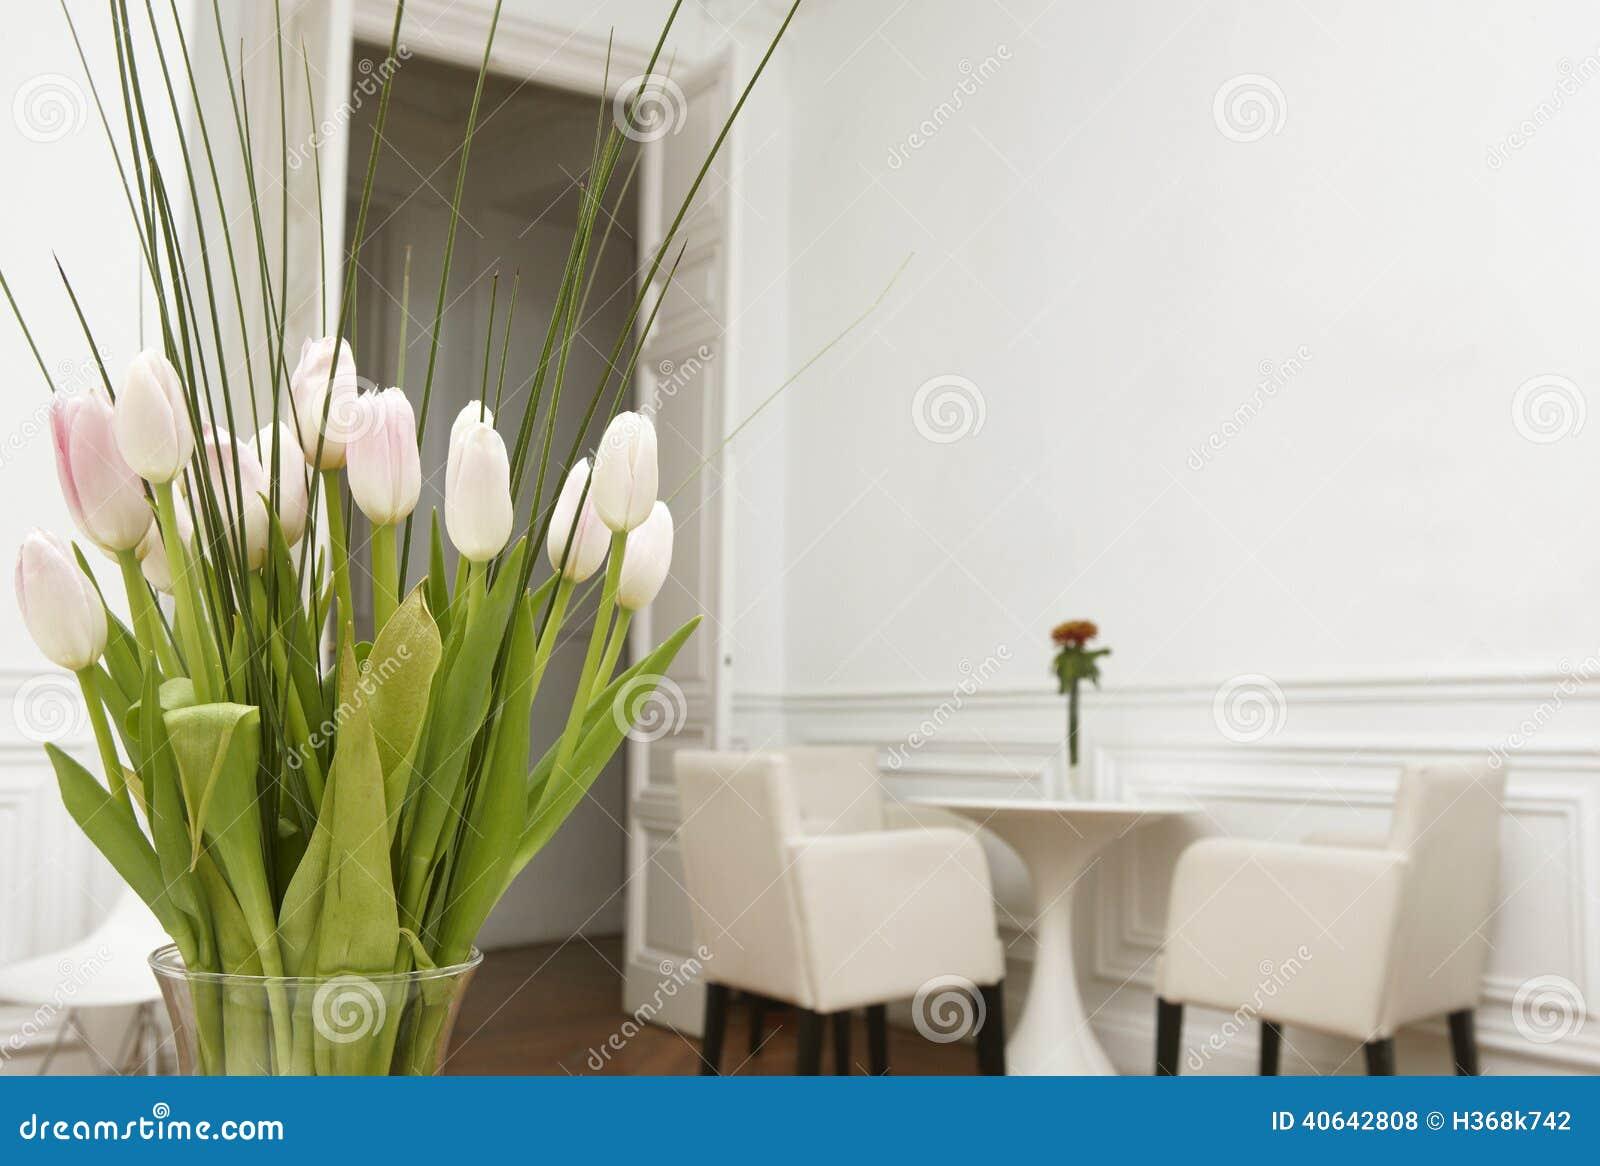 Fleurs dans un intérieur de maison de pièce blanche